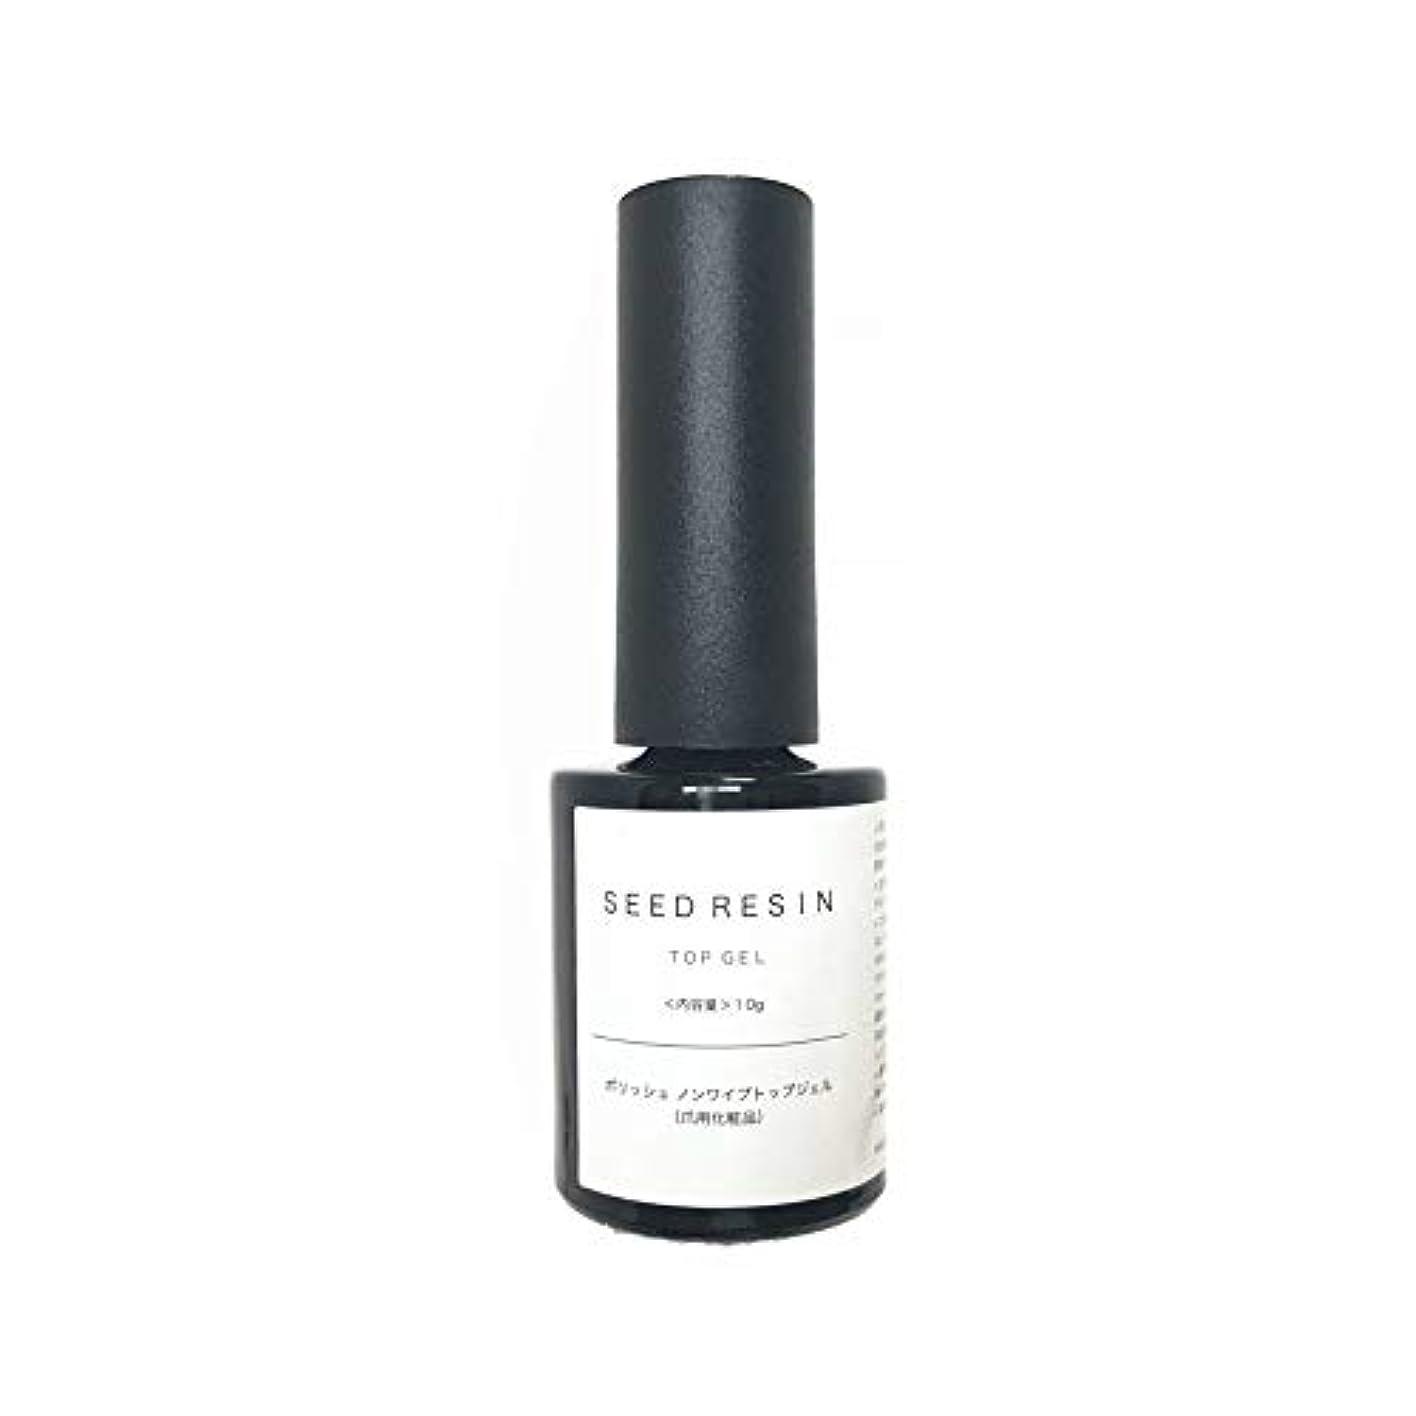 三十ラッチ節約SEED RESIN(シードレジン) ジェルネイル ポリッシュ ノンワイプ トップジェル 10g 爪用化粧品